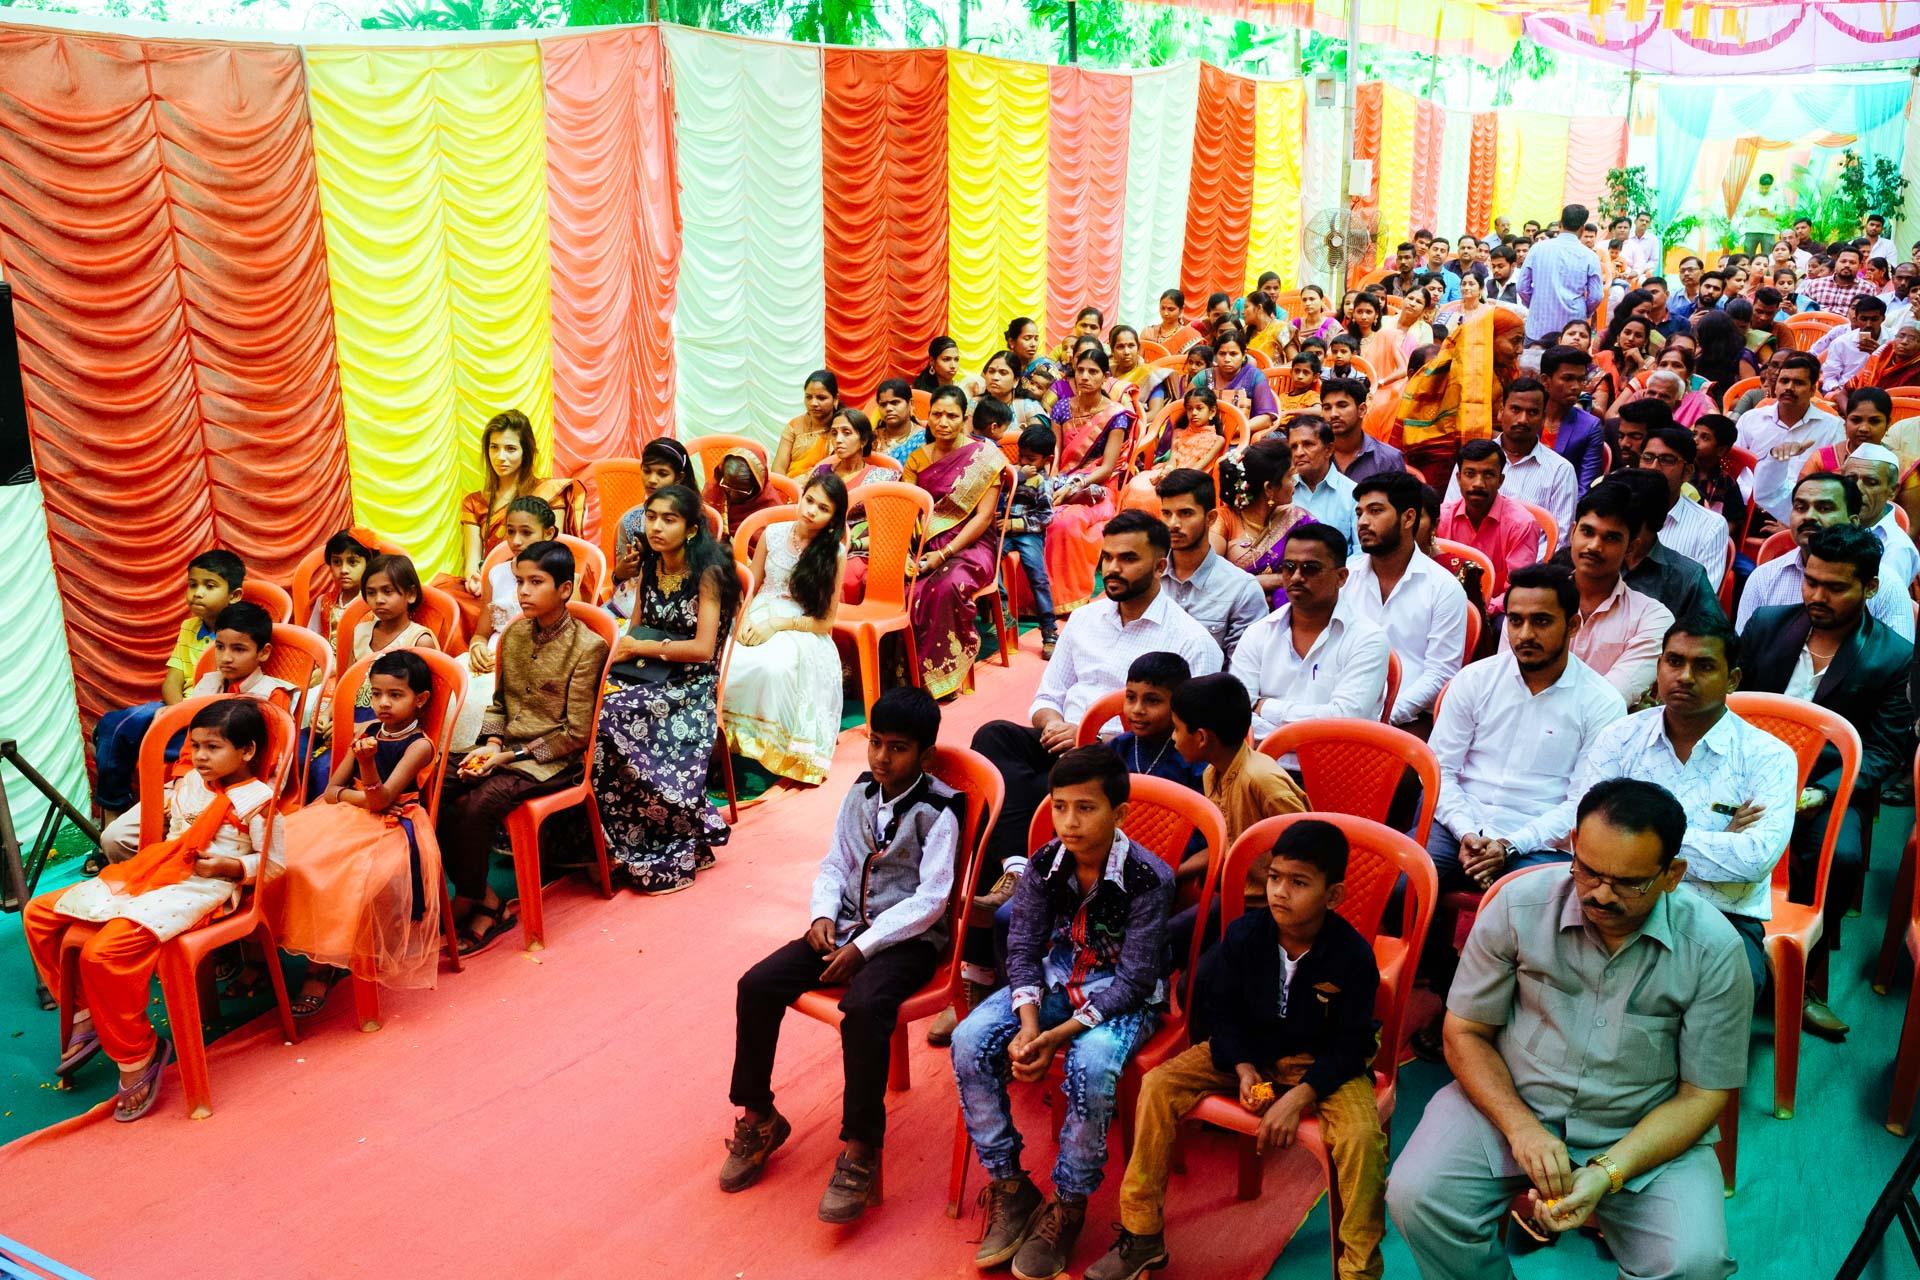 wedding_in_mumbai-49.jpg